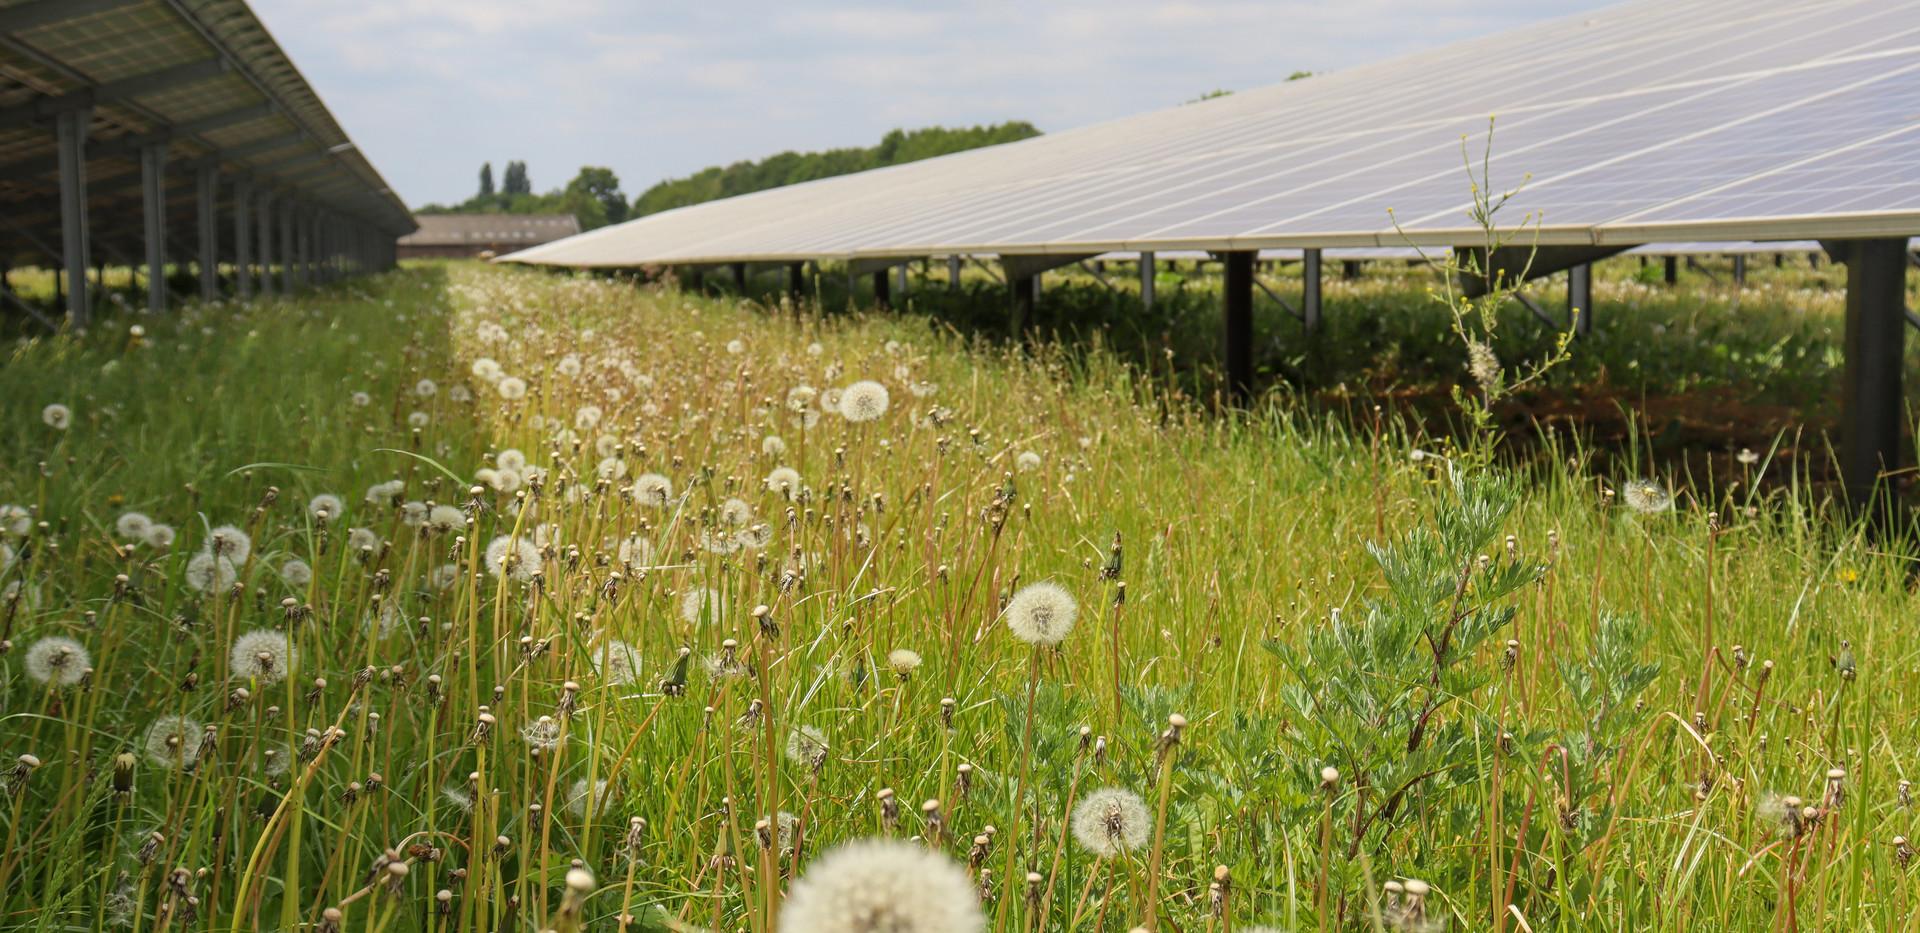 Bloemrijk grasland tussen de rijen.jpg